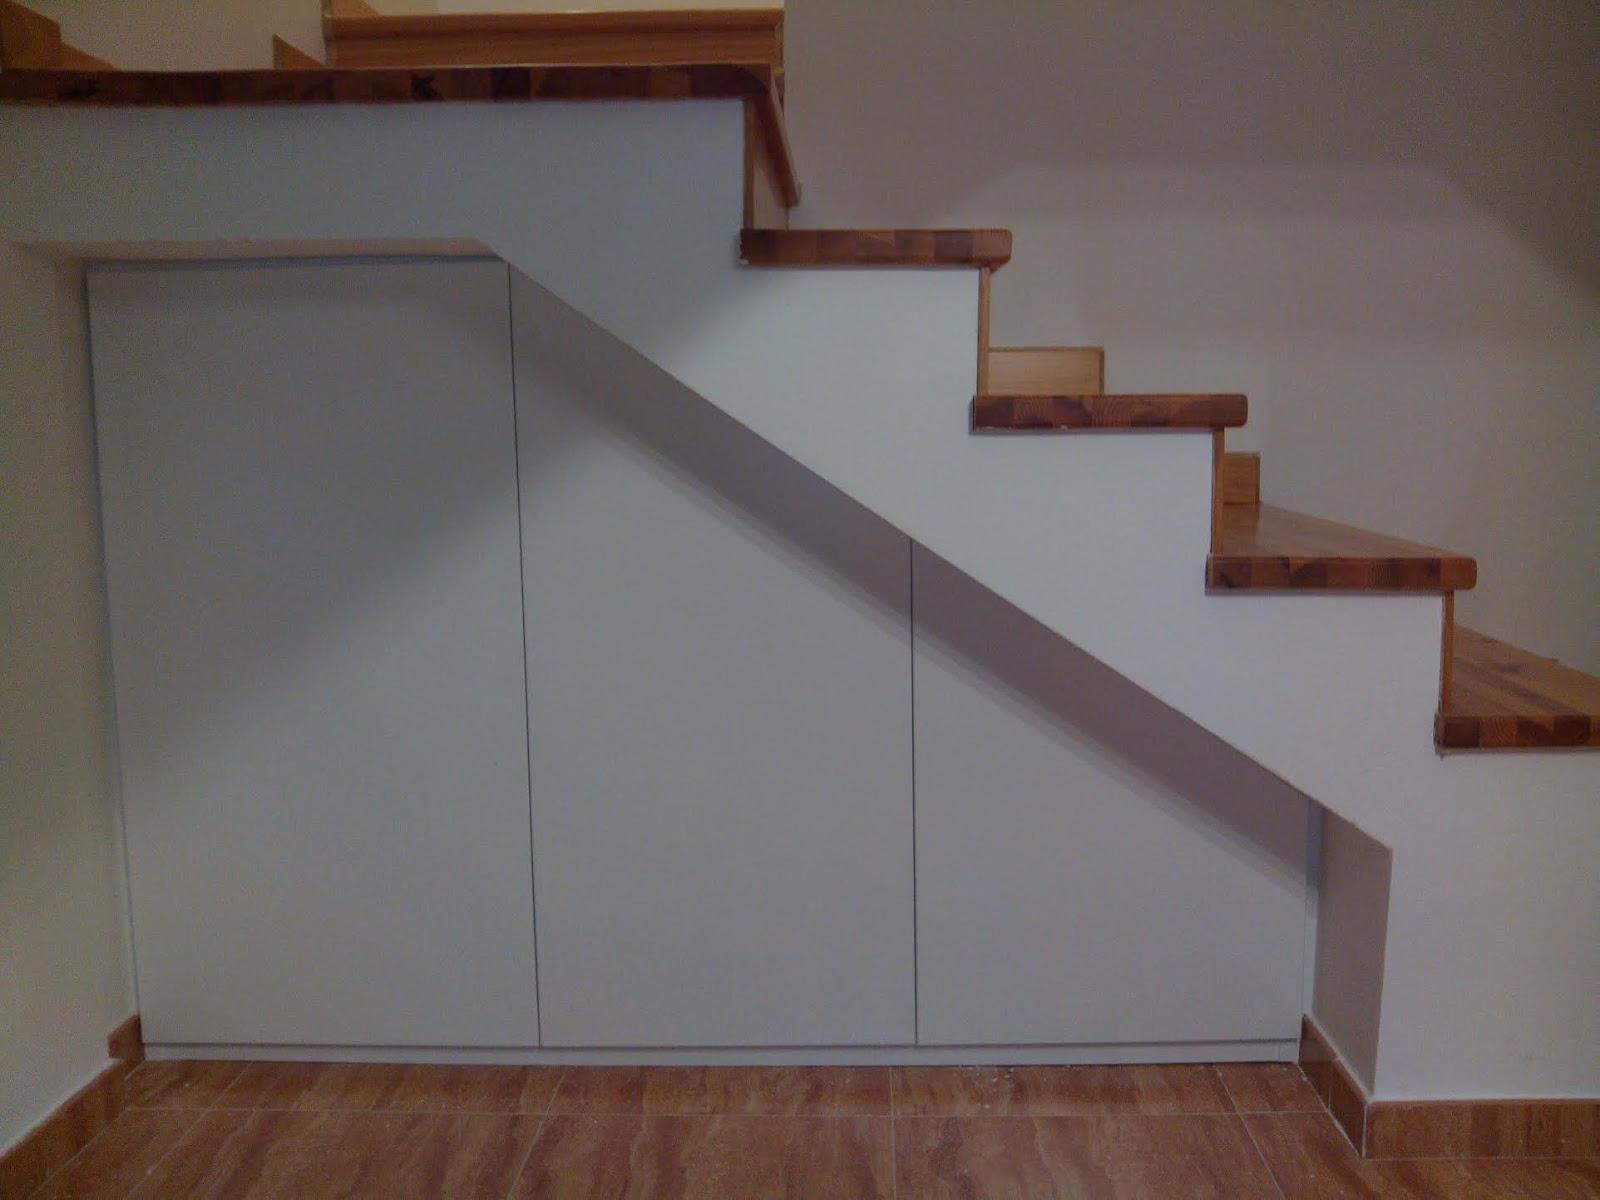 Marco con puertas bajo escalera muebles cansado - Puertas para escaleras ...